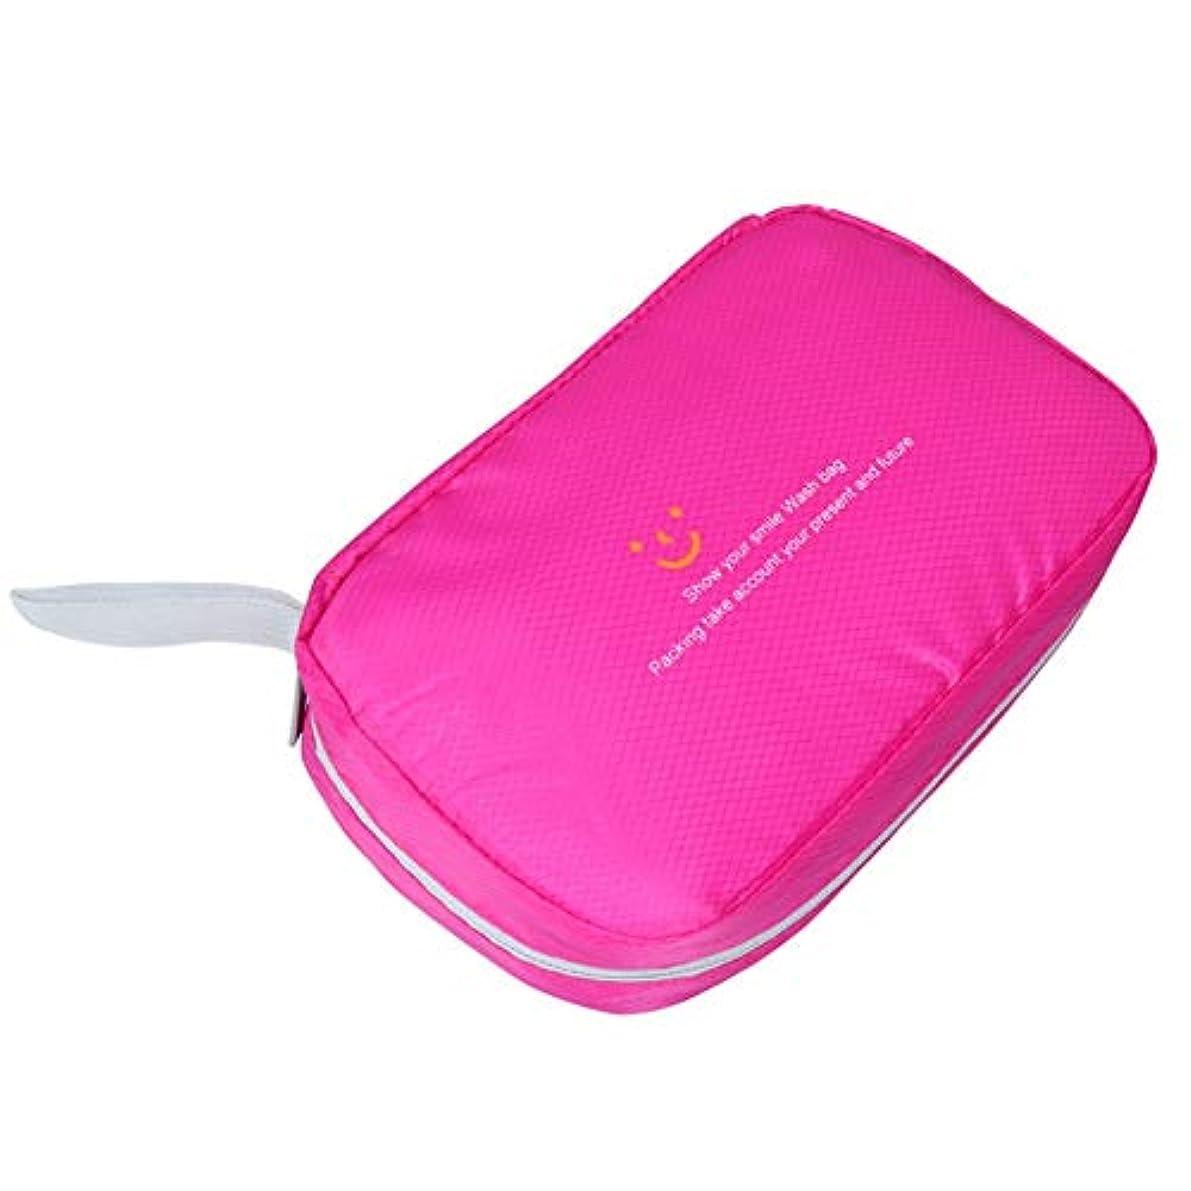 追加する重要首謀者特大スペース収納ビューティーボックス 美の構造のためそしてジッパーおよび折る皿が付いている女の子の女性旅行そして毎日の貯蔵のための高容量の携帯用化粧品袋 化粧品化粧台 (色 : ピンク)